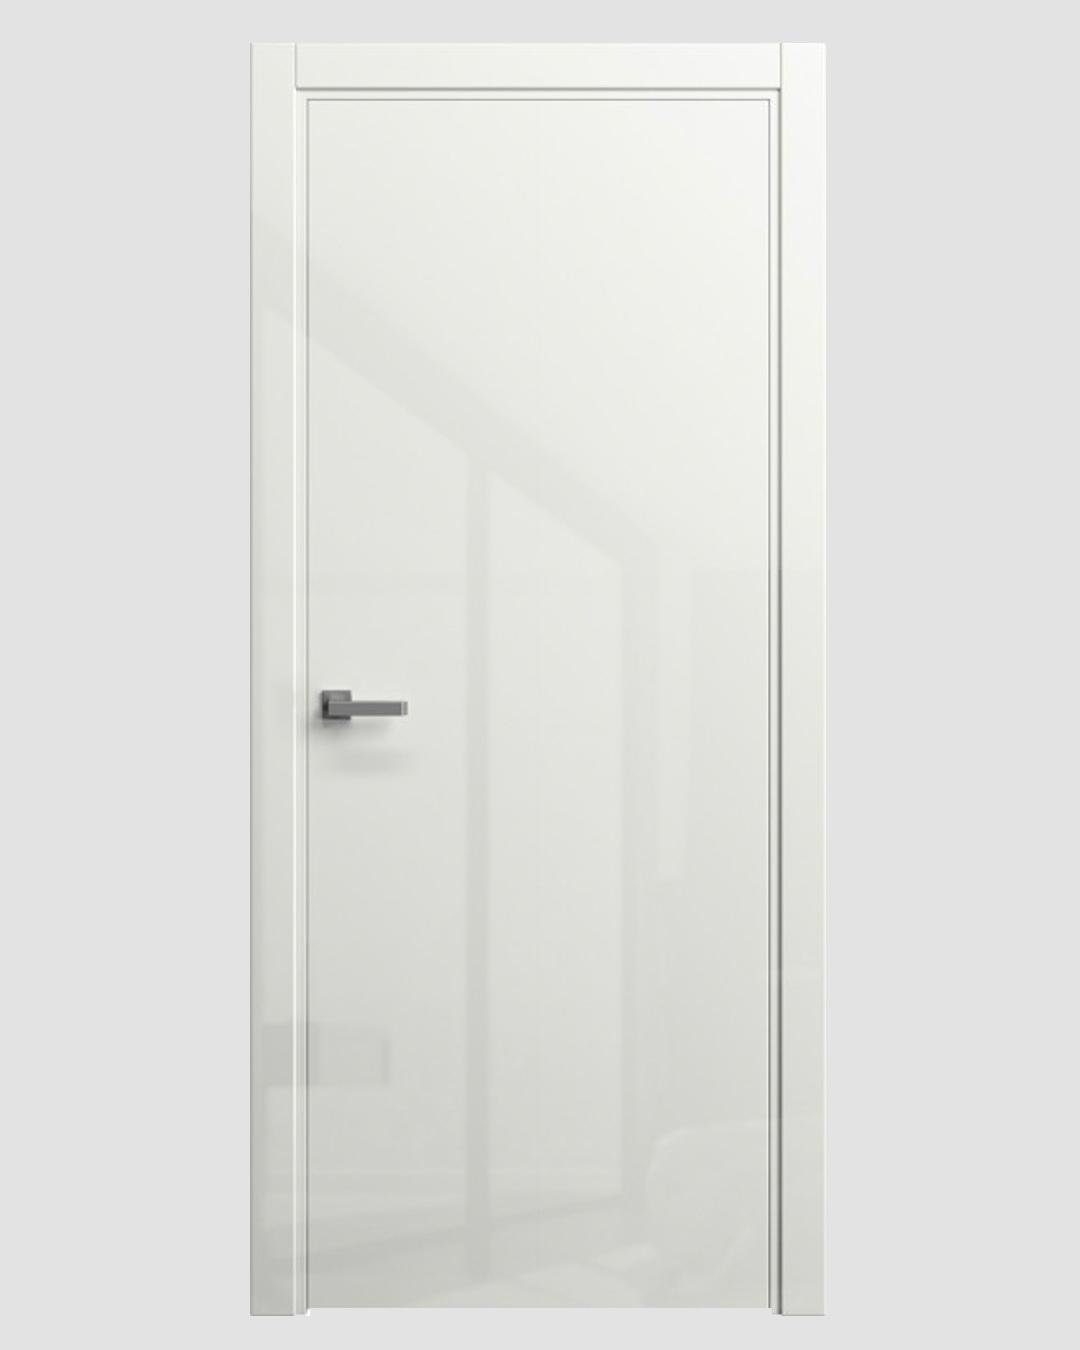 Какие бывают покрытия у белых дверей?